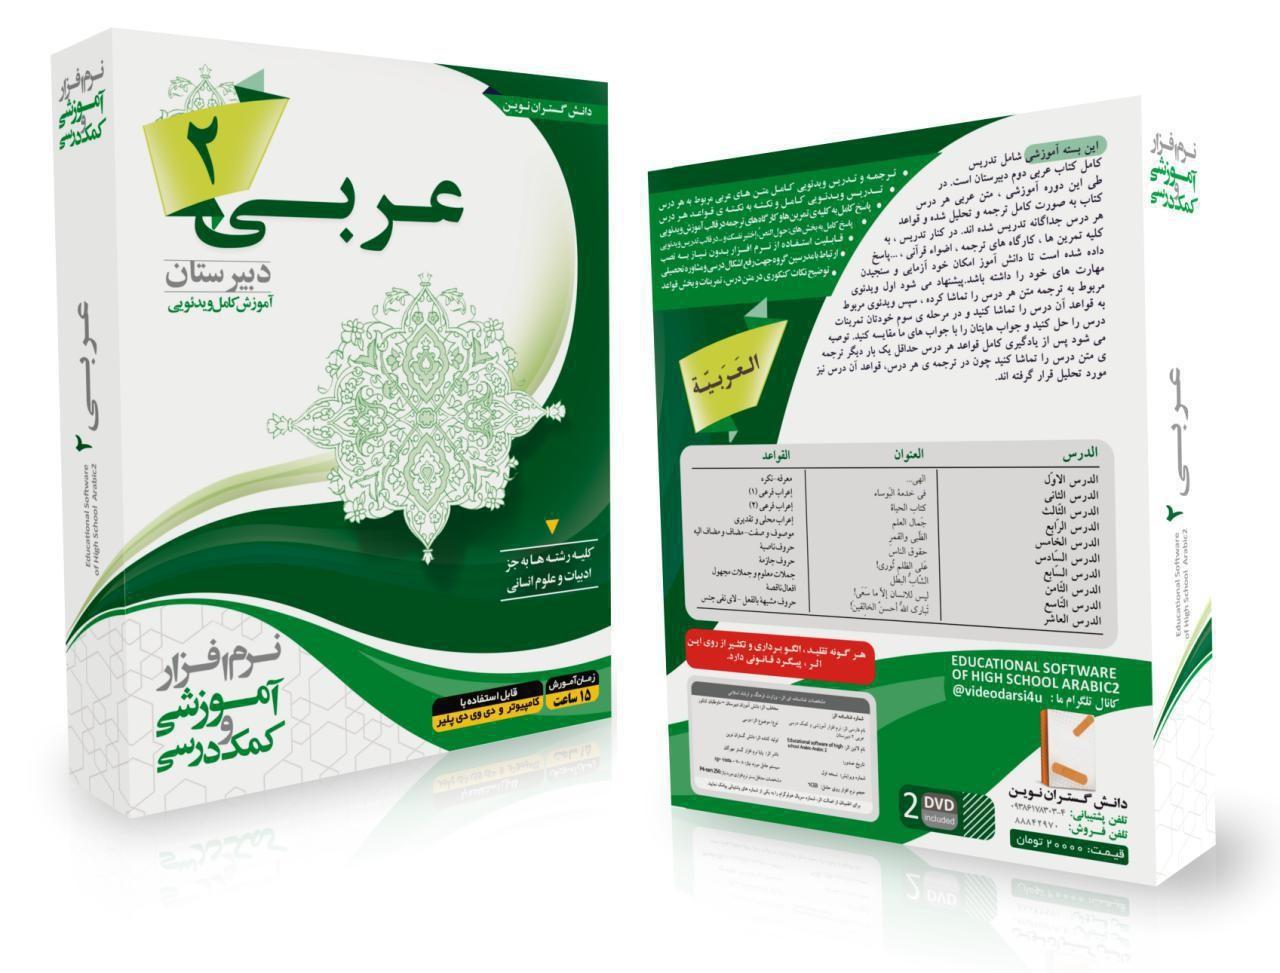 جزوه تایپ شده ، رنگی و مصور  ترجمه متون و قواعد عربی دوم دبیرستان